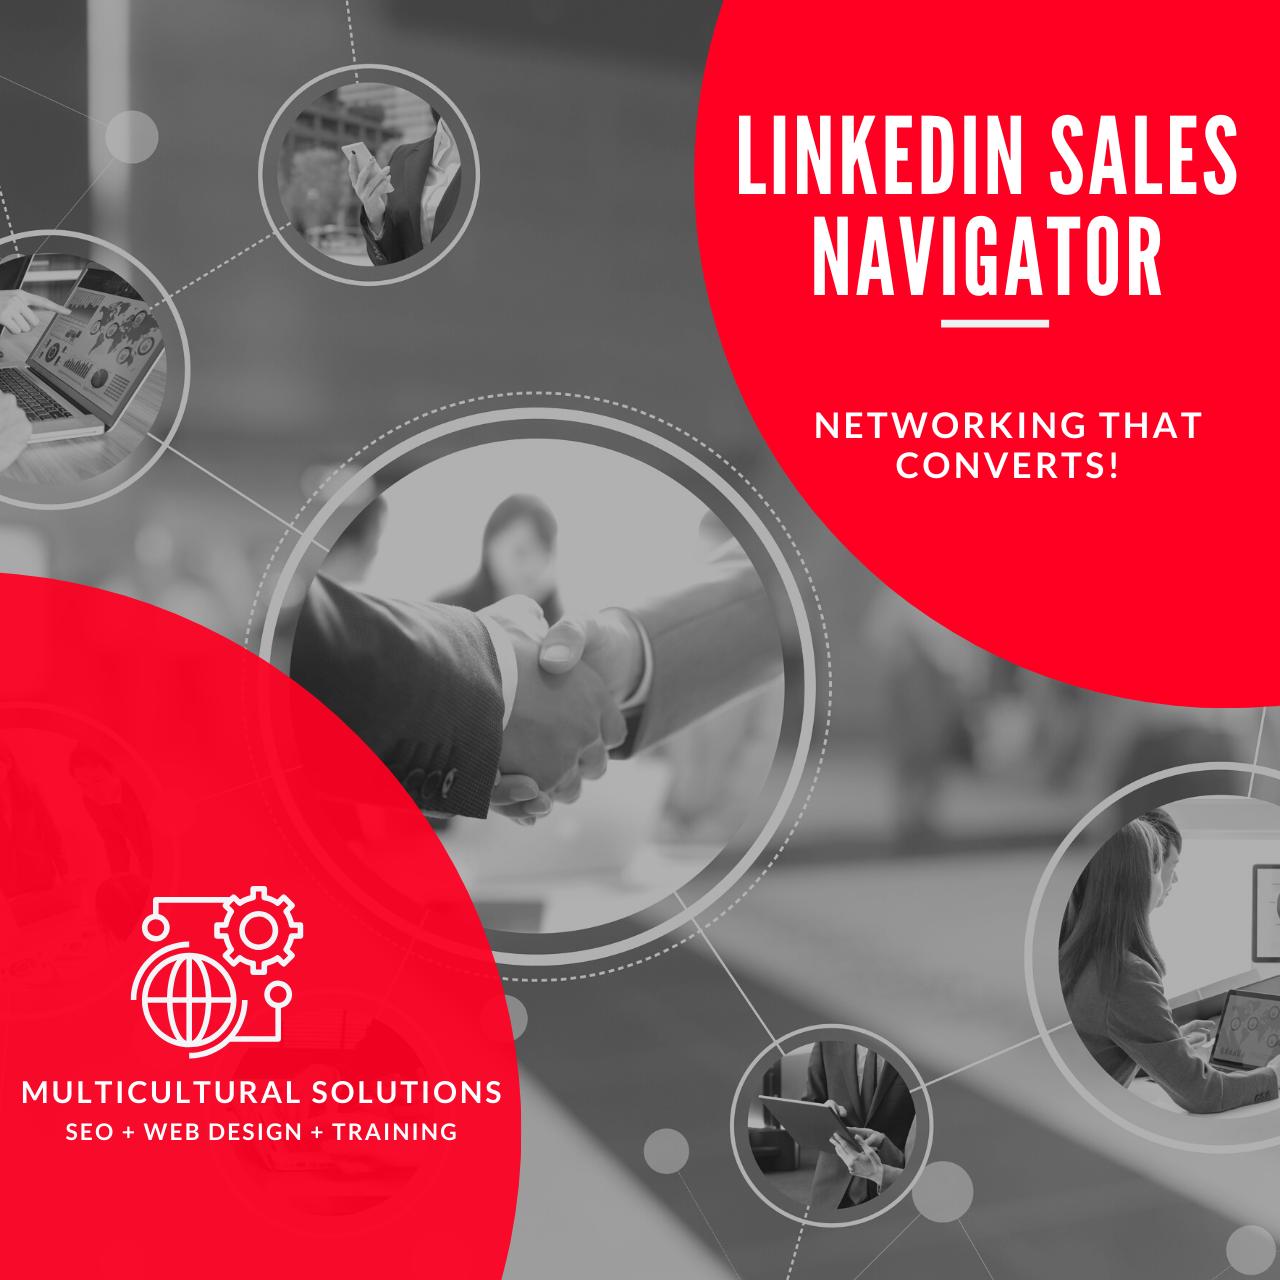 Social Media Marketing: LinkedIn